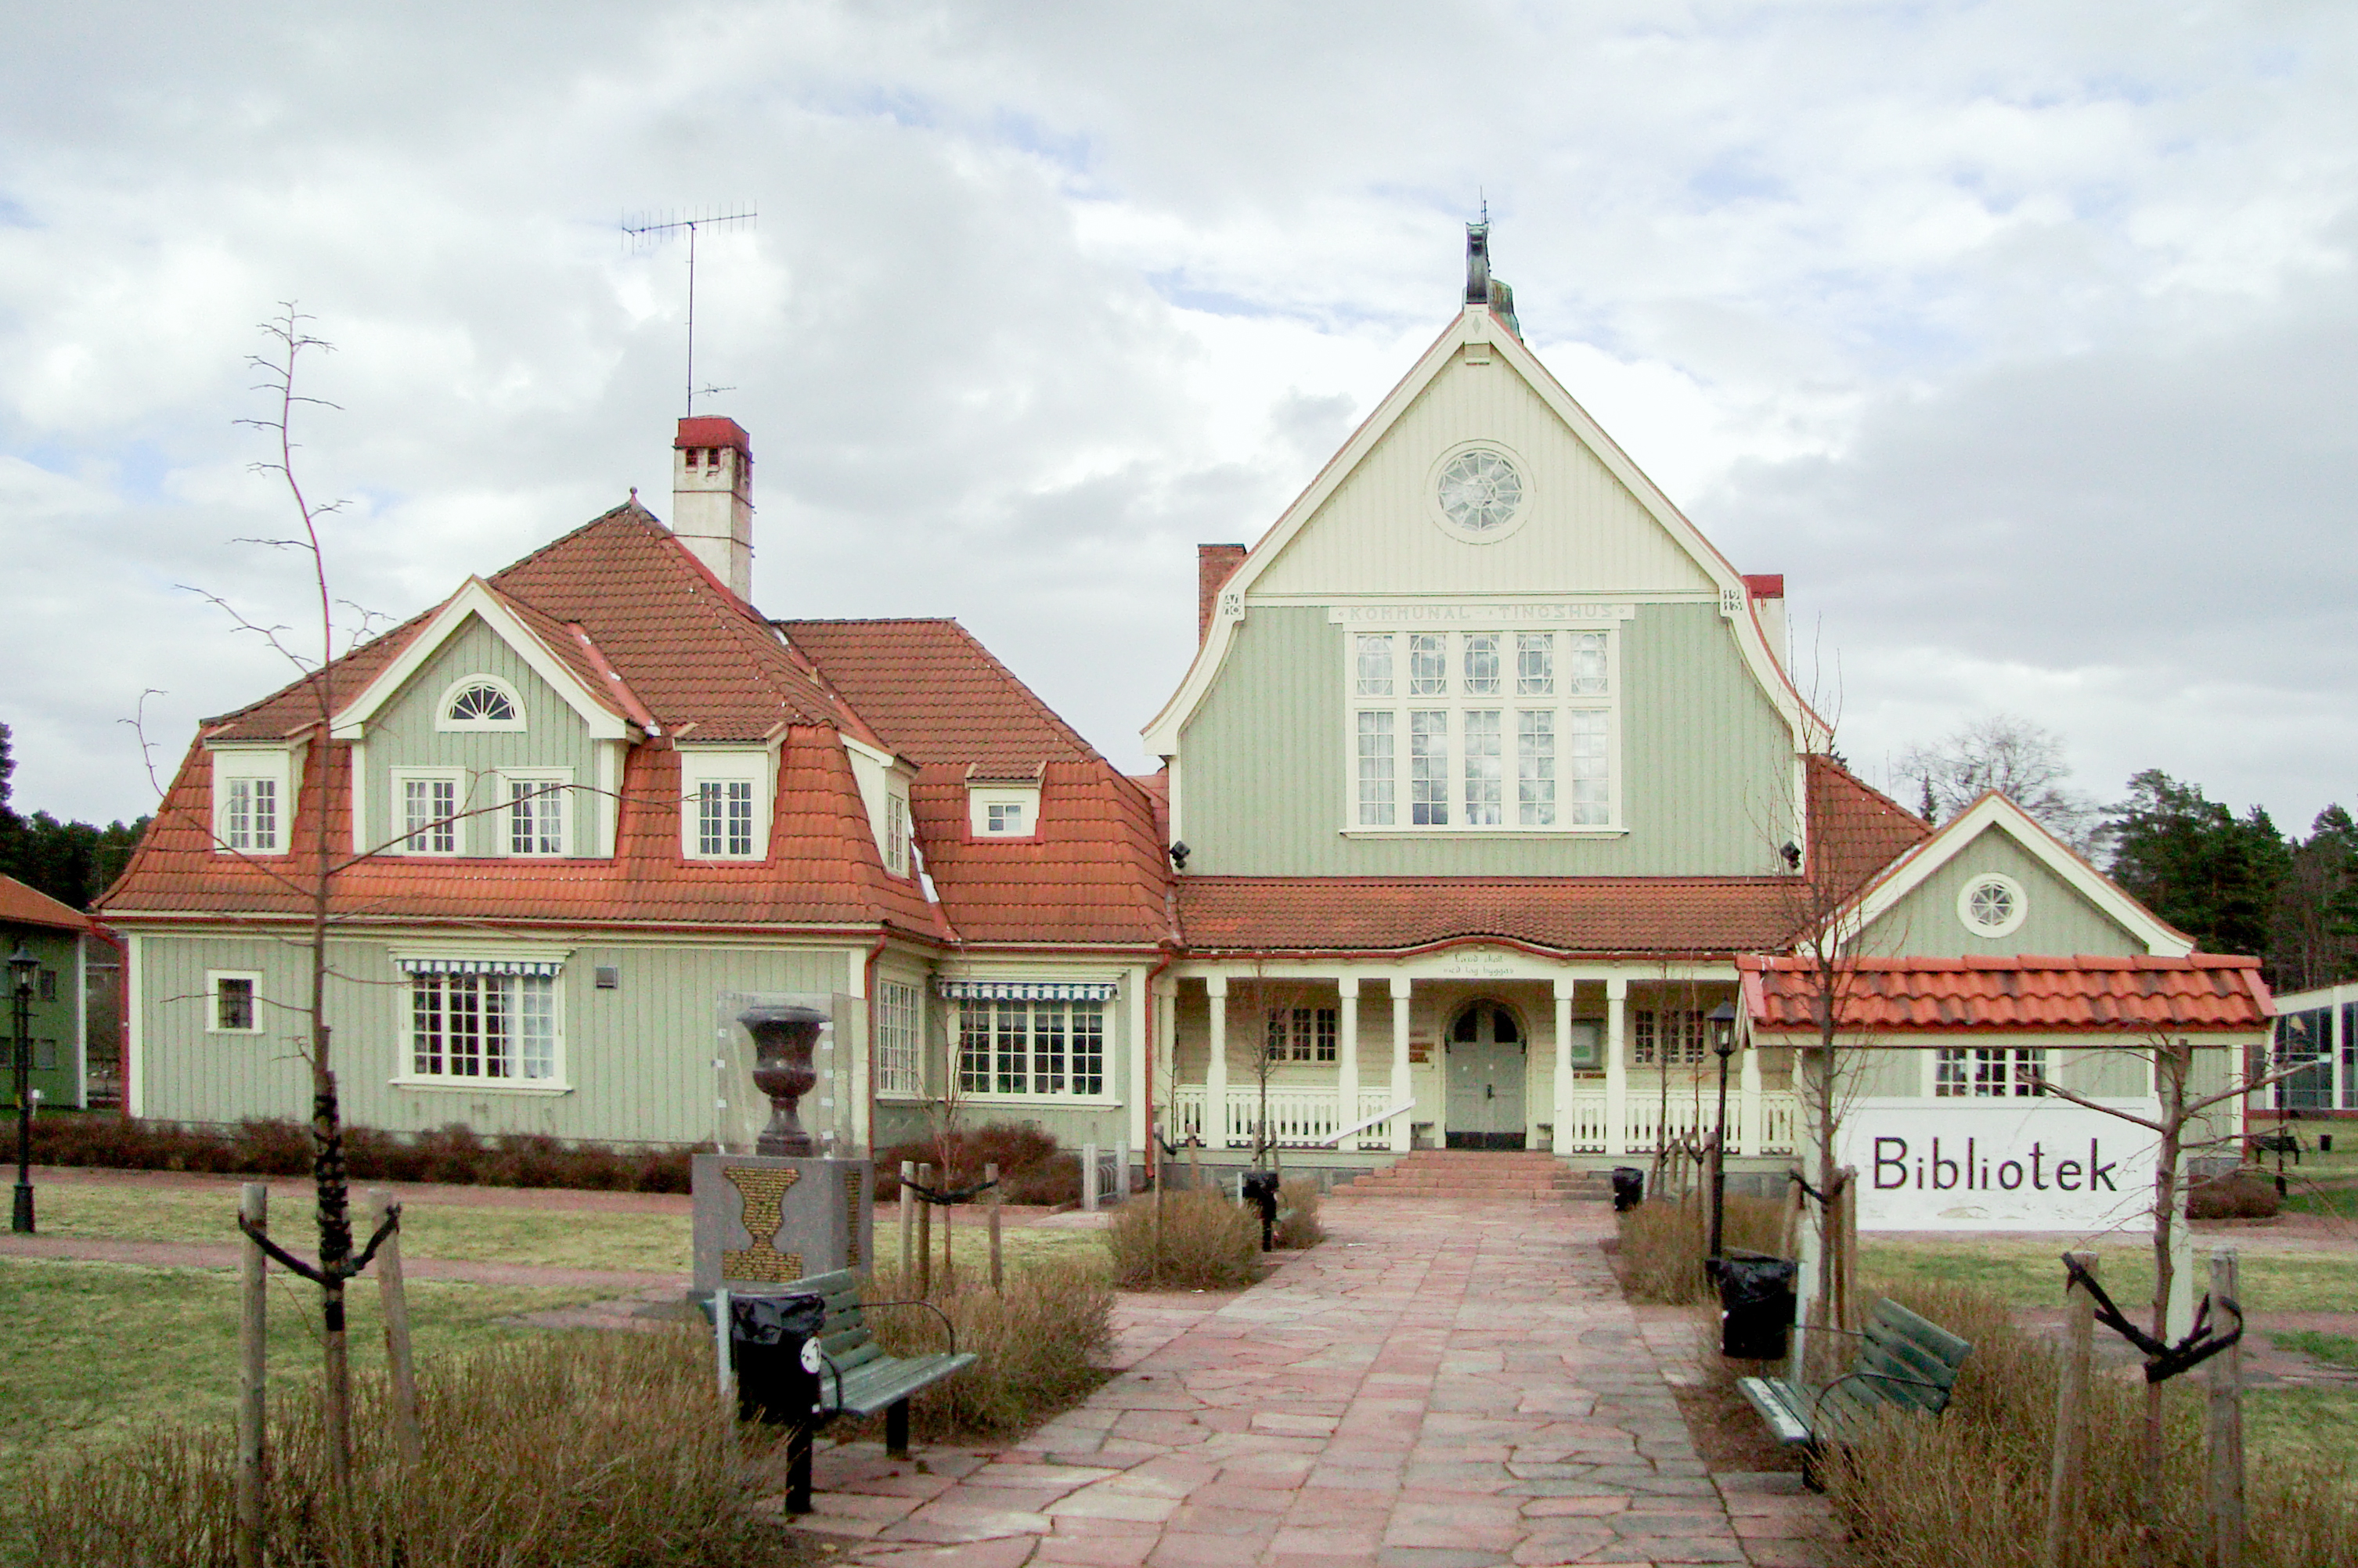 Alvdalens Kommun Wikipedia Den Frie Encyklopaedi